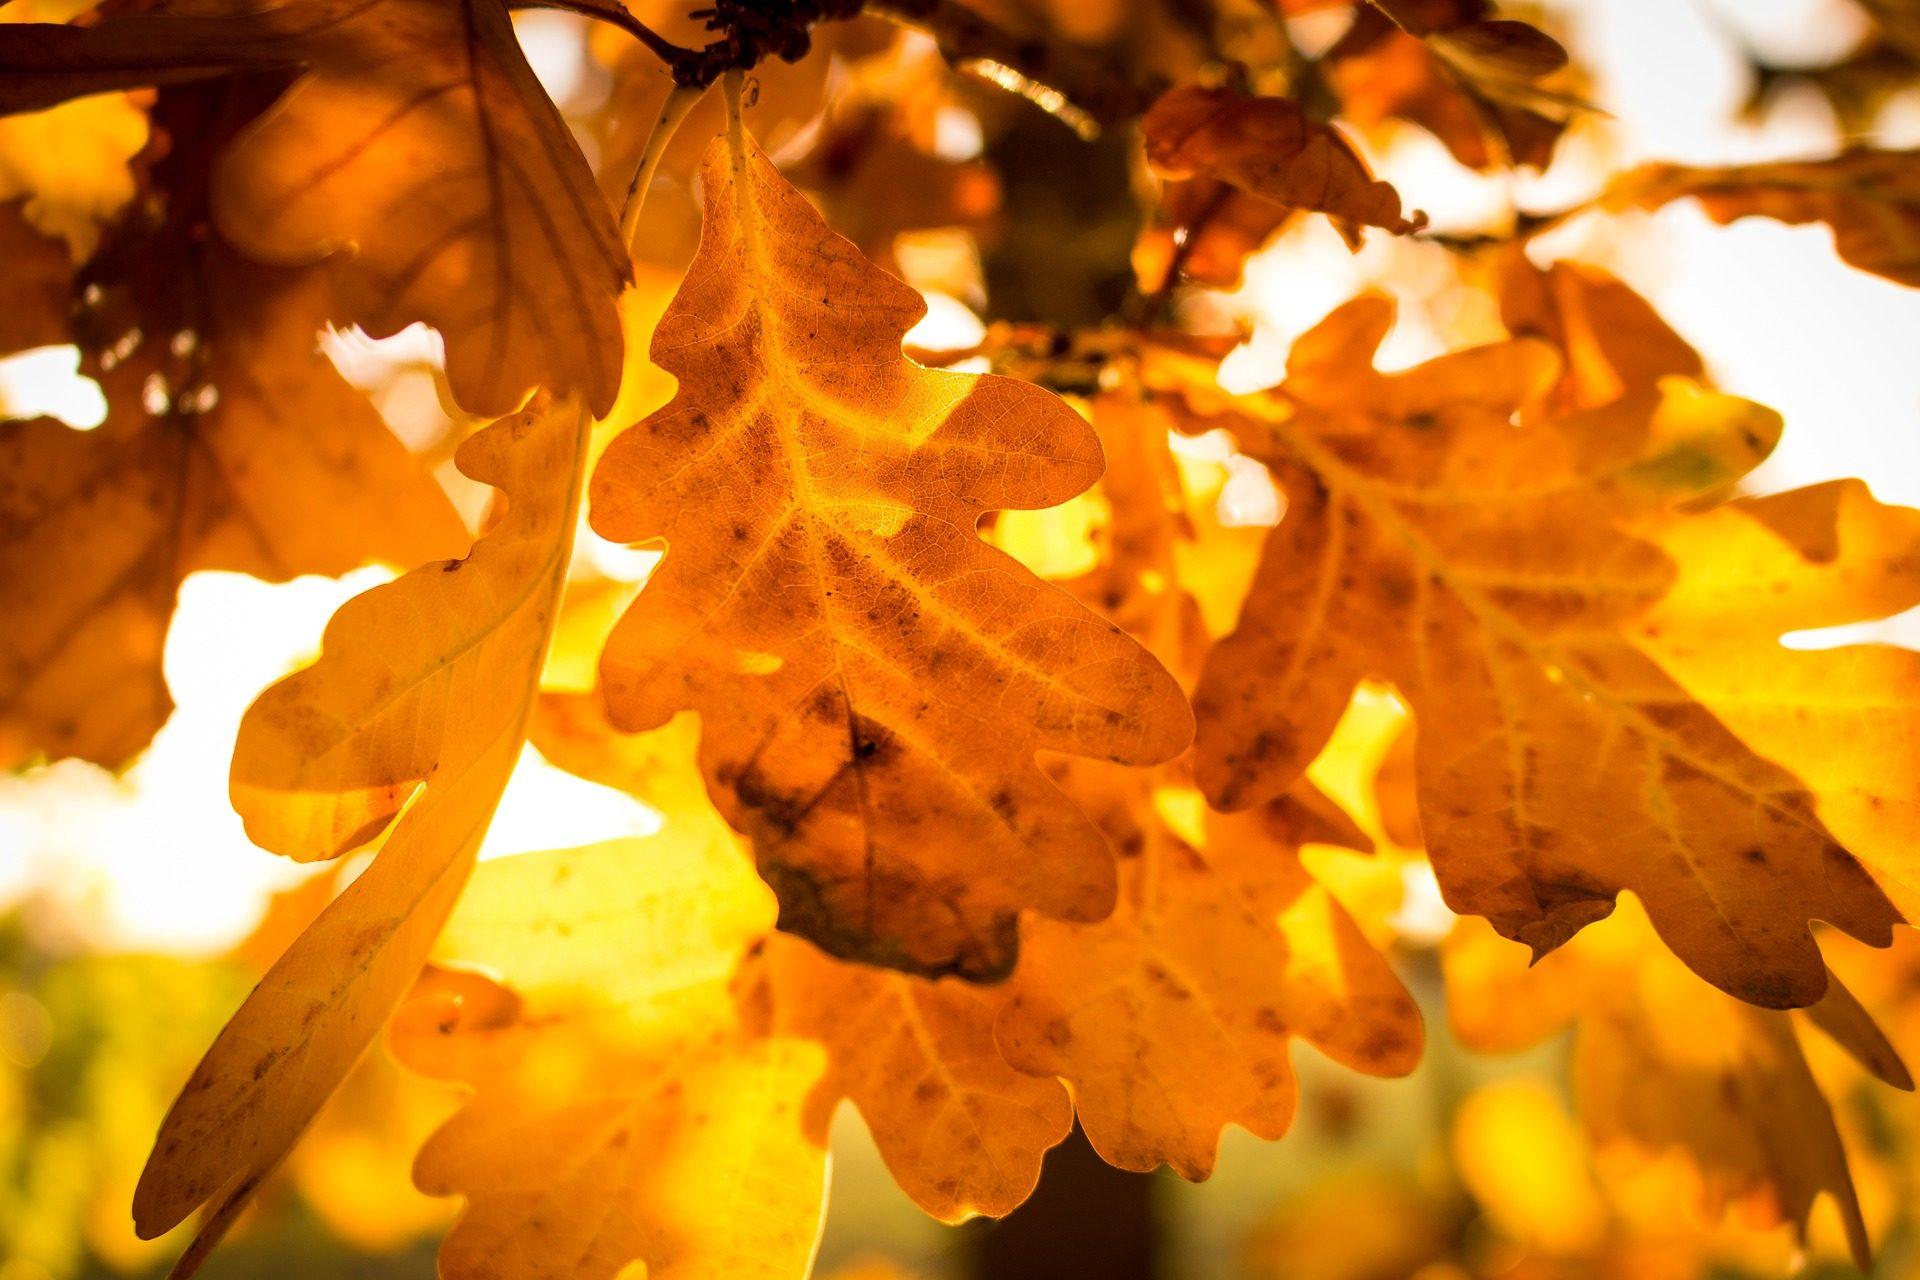 葉, ツリー, 太陽, 光, サンセット, オレンジ - HD の壁紙 - 教授-falken.com